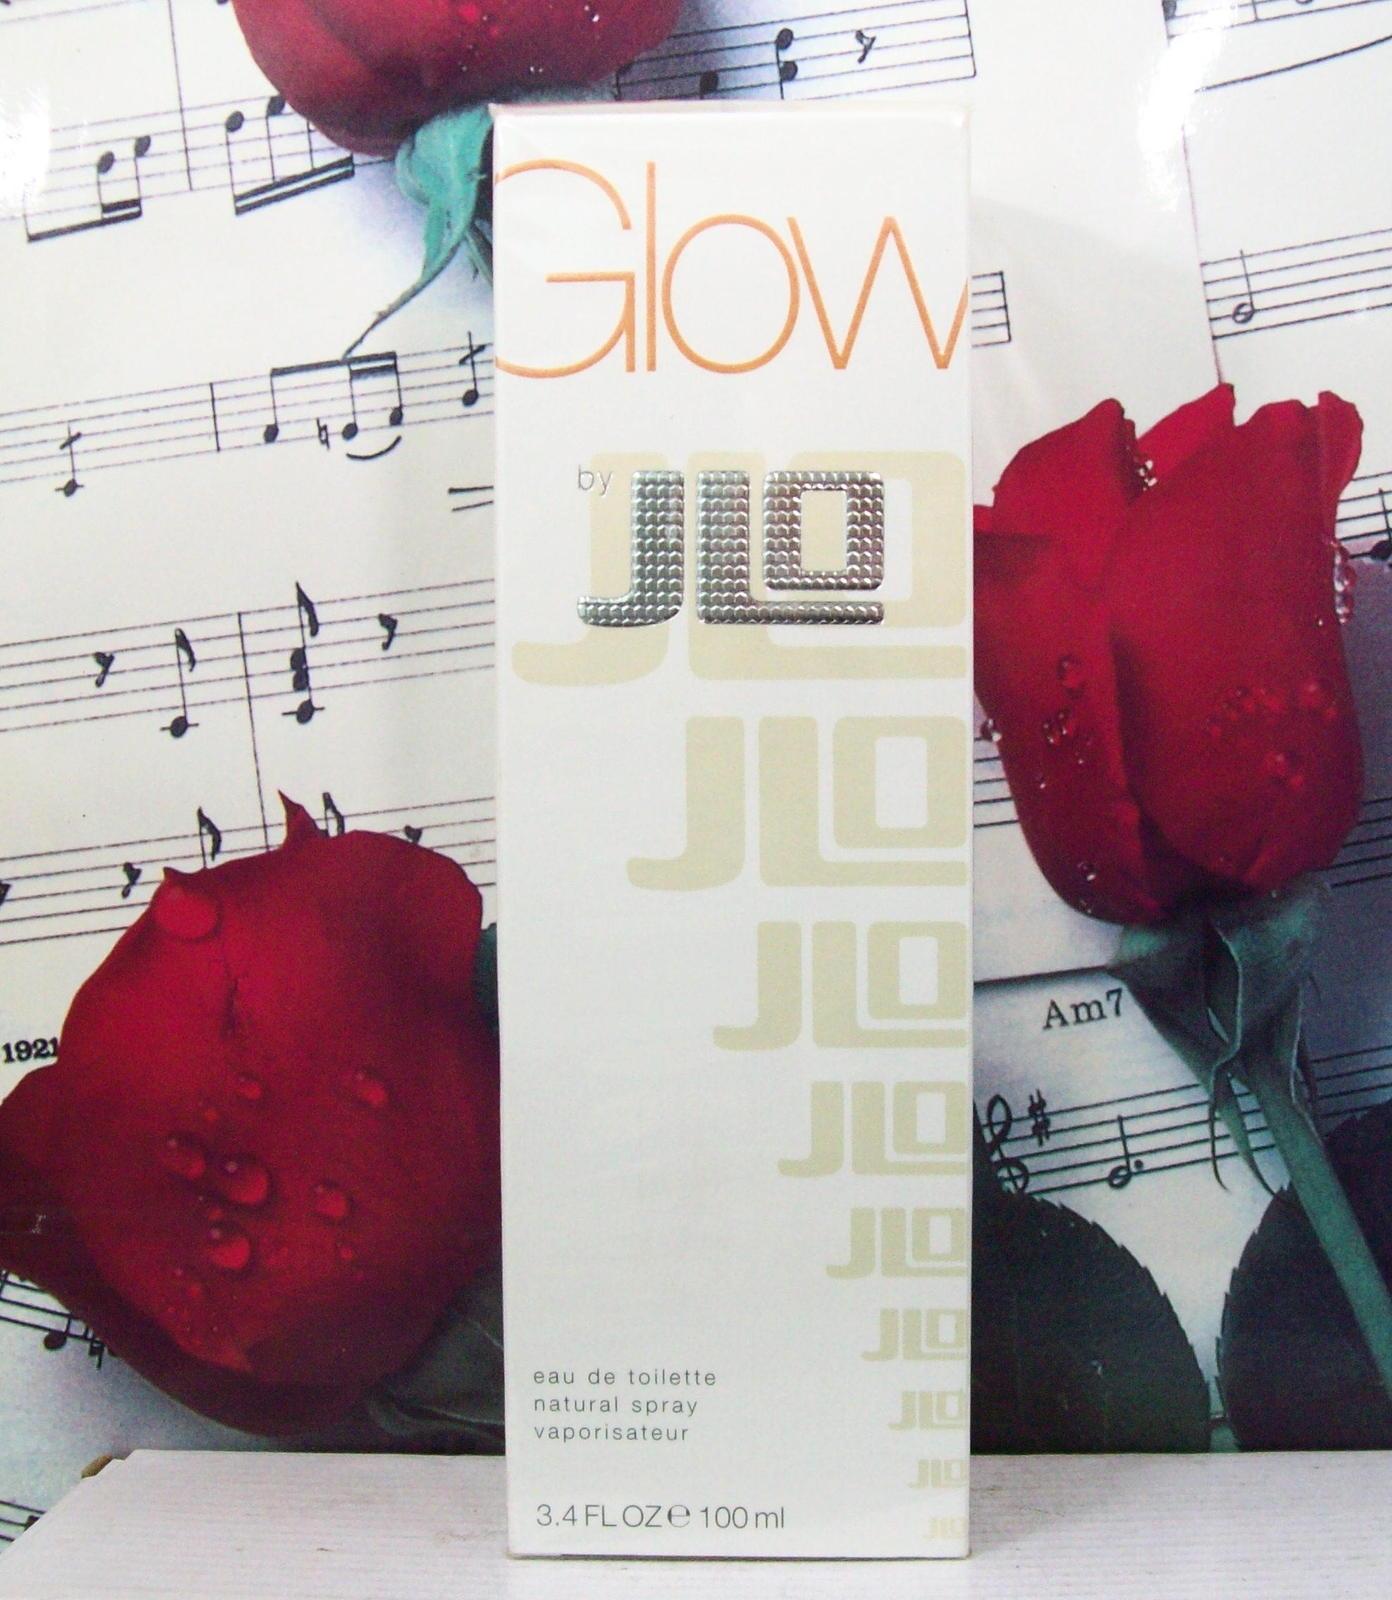 Jennifer Lopez Glow EDT Spray 3.4 OZ. NWB - $59.99